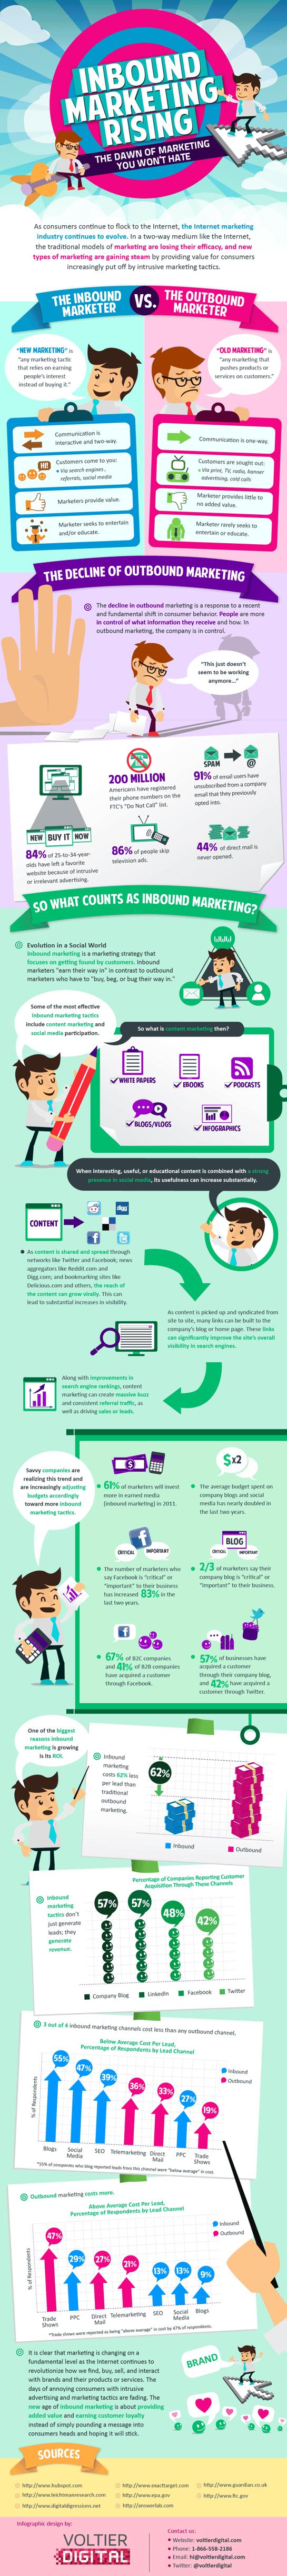 Inbound Marketing Rising Graphic